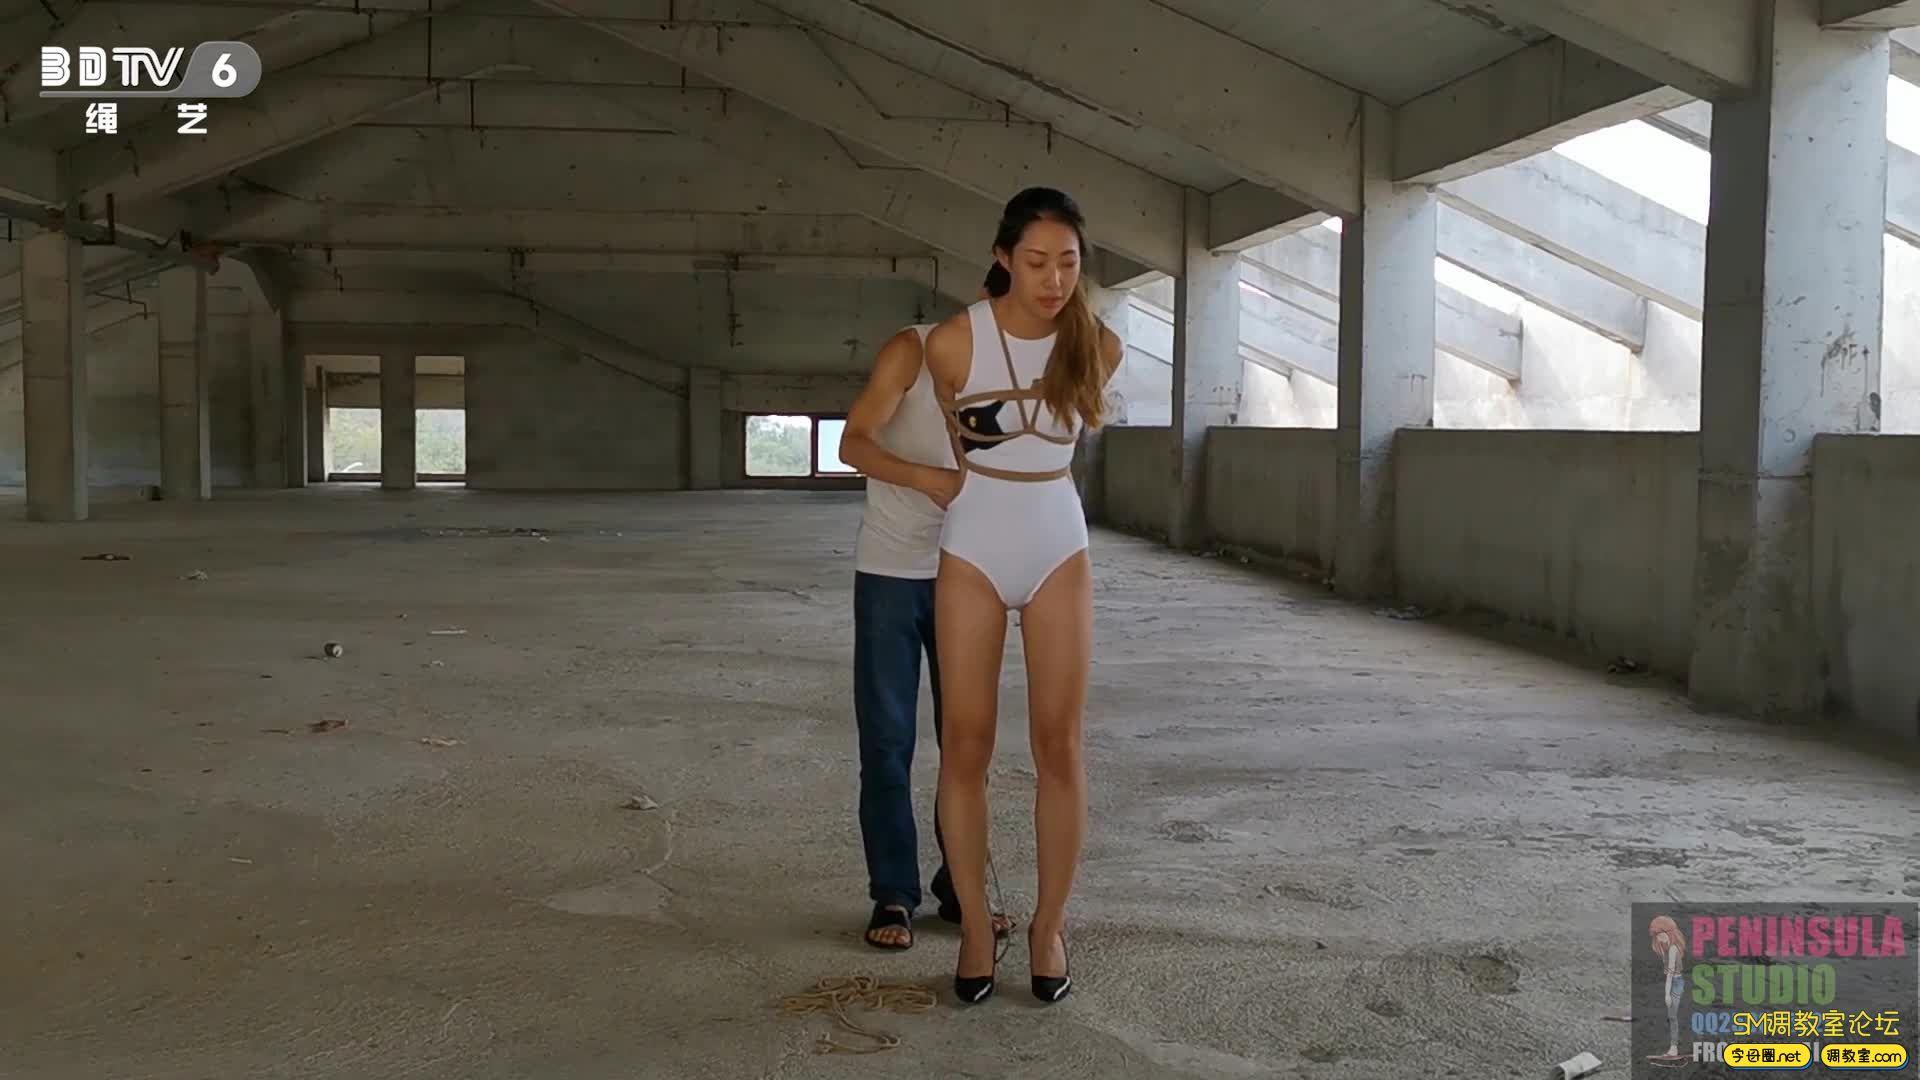 半岛束艺台_舞动的精灵:大美泳装丝袜海岸废墟献舞-视频截图6